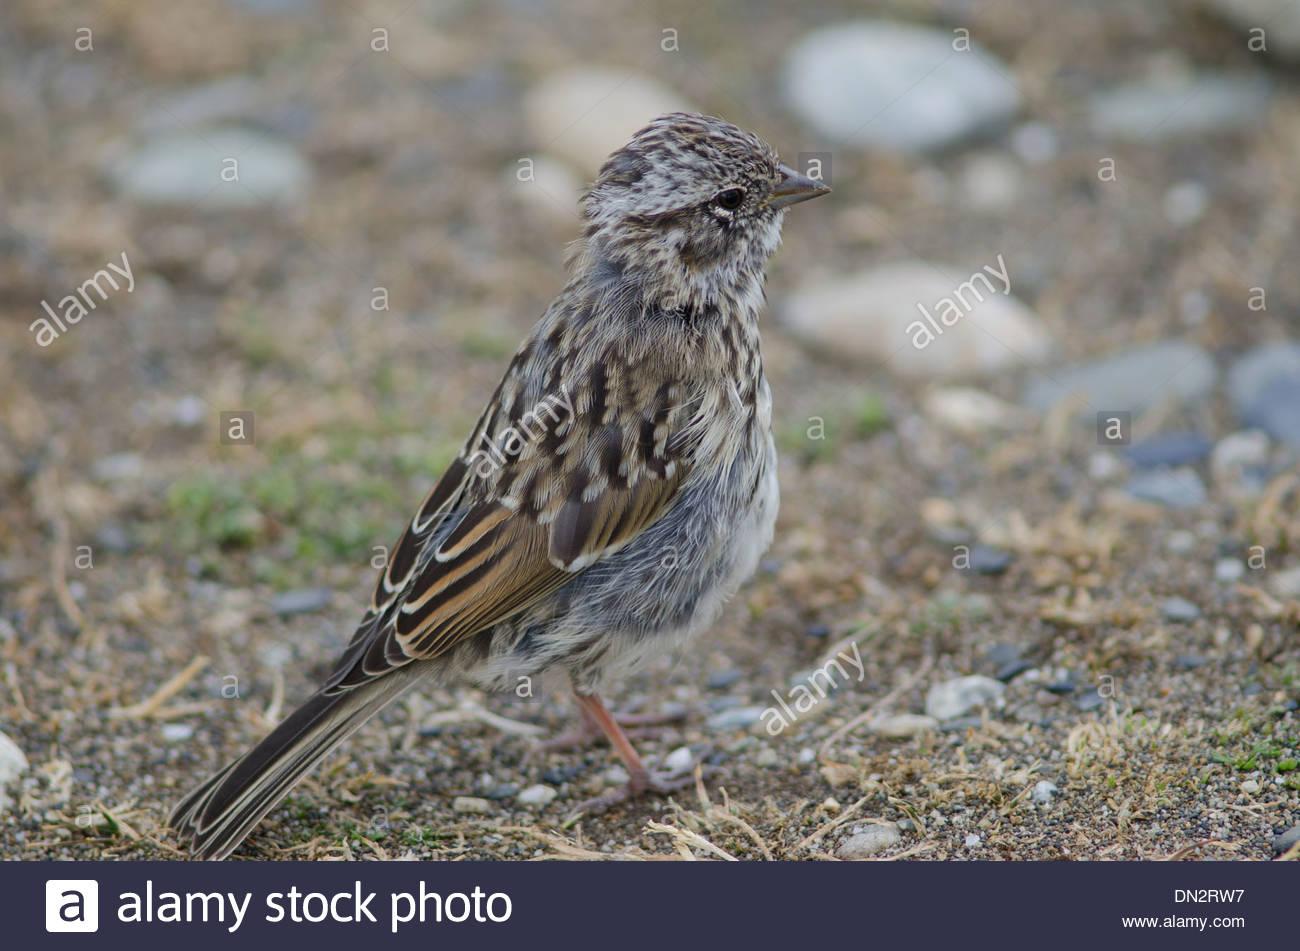 Juvenile Rufous-collared Sparrow (Zonotrichia capensis) feeding on the ground. Stock Photo